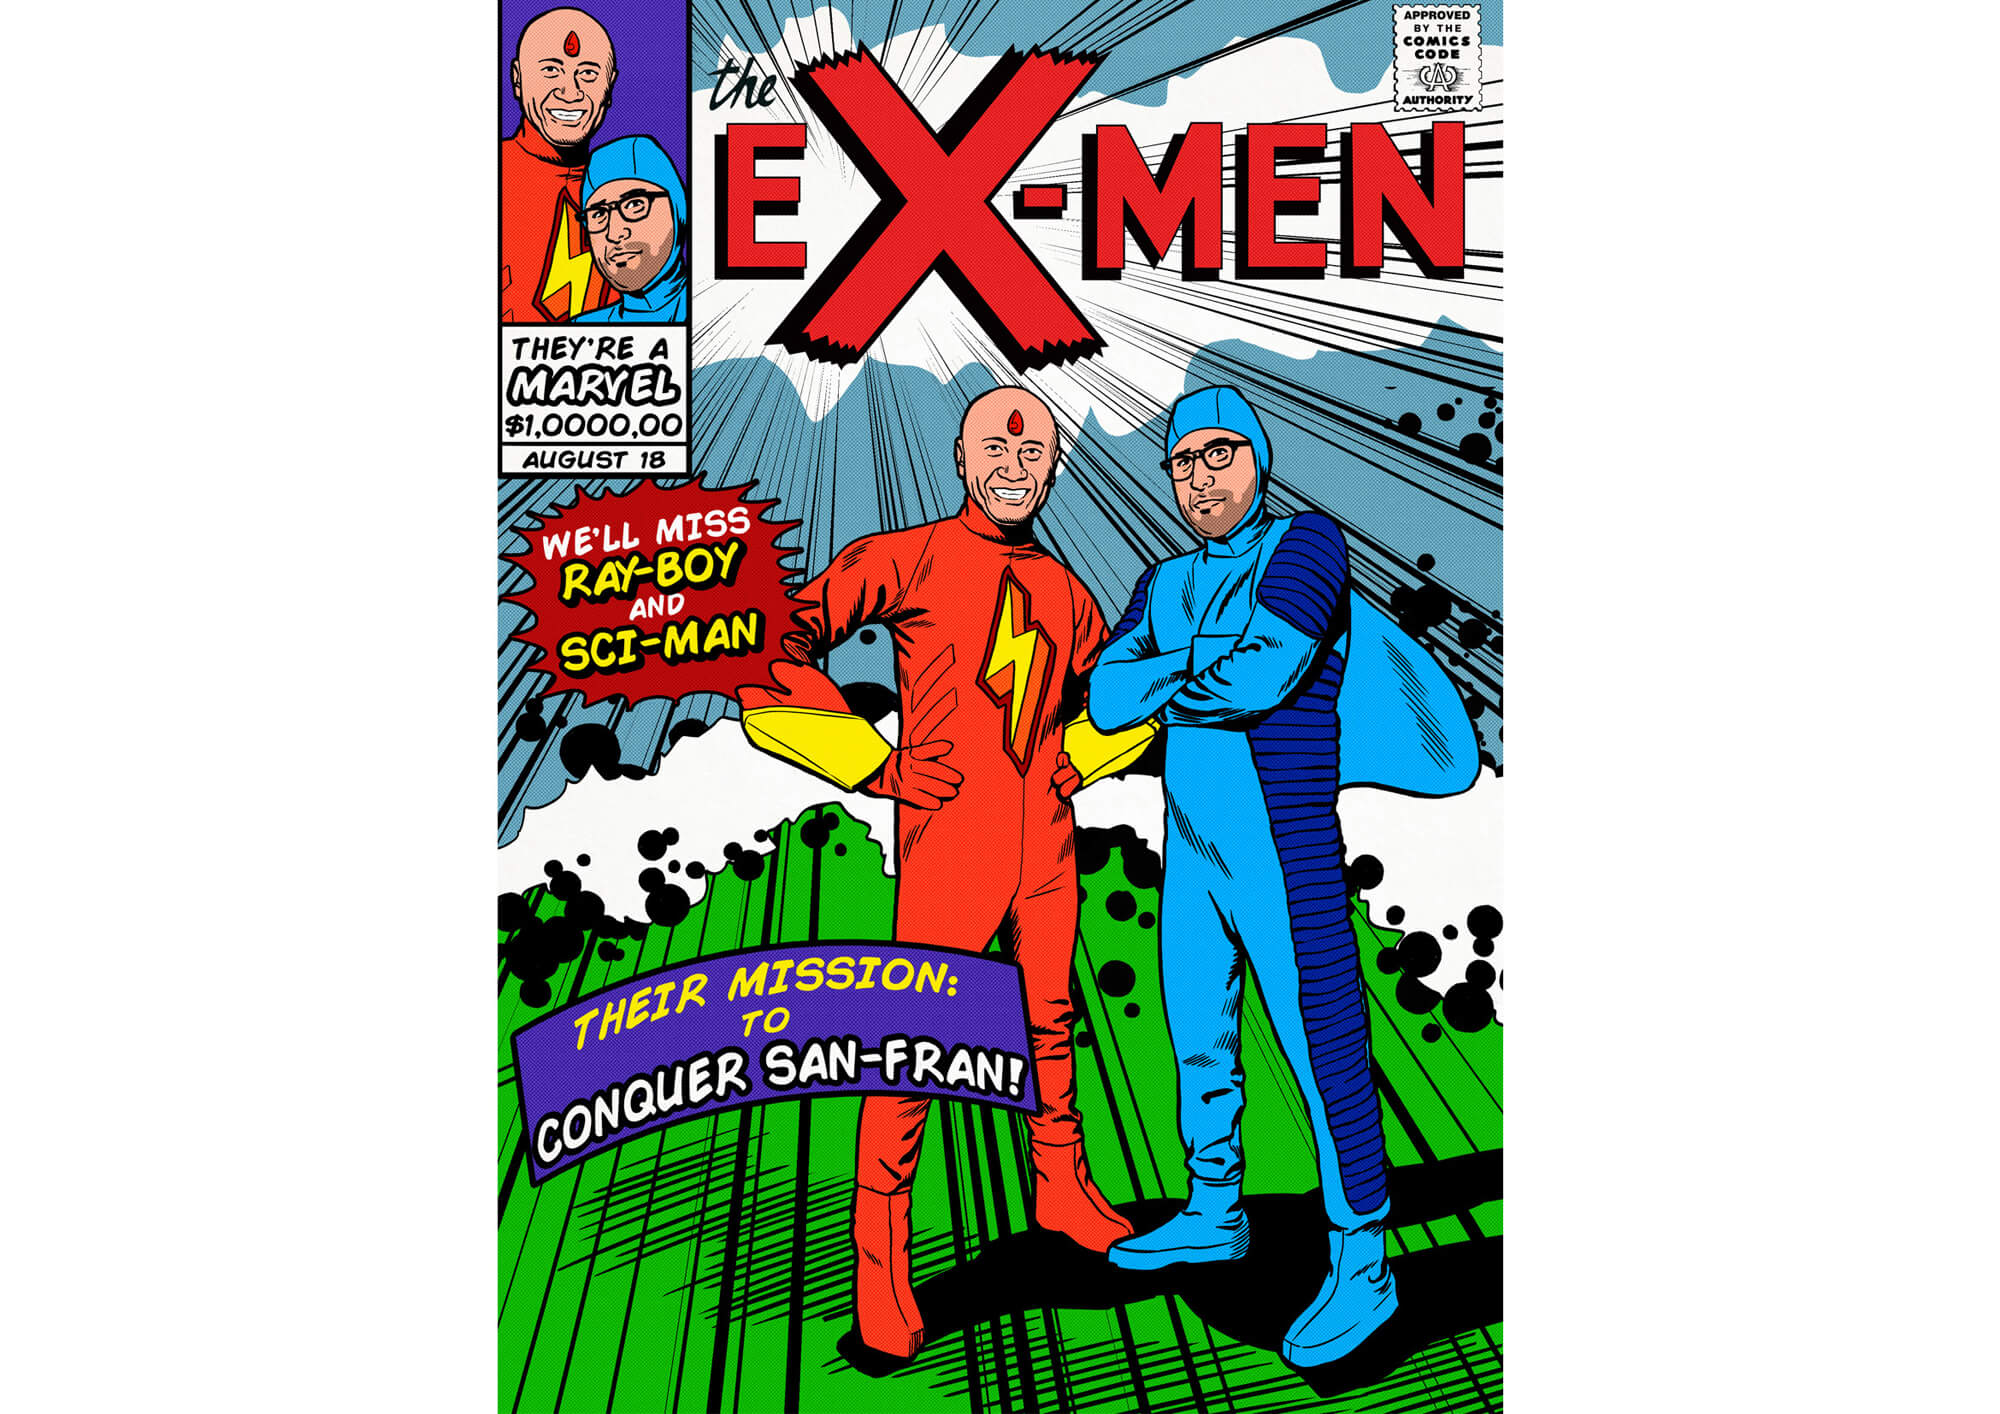 Ex_Men_Illustration_2.jpg